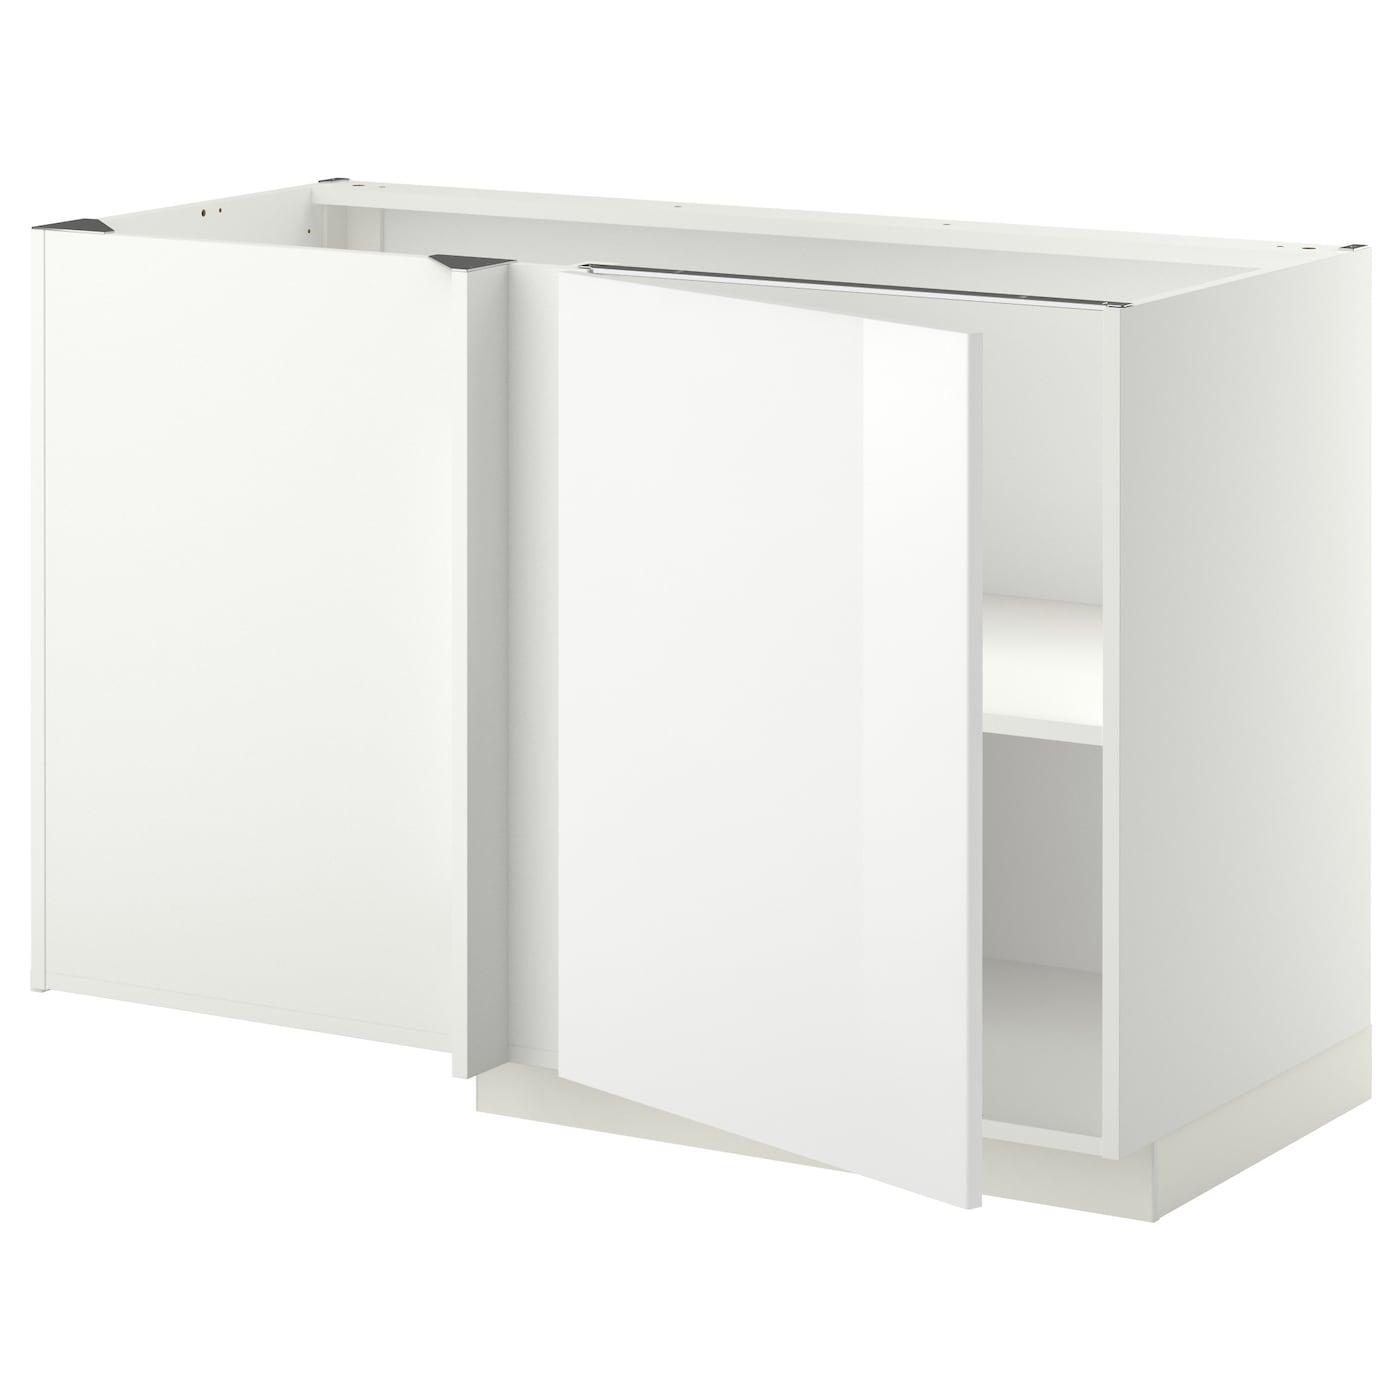 meuble bas de cuisine ikea. Black Bedroom Furniture Sets. Home Design Ideas